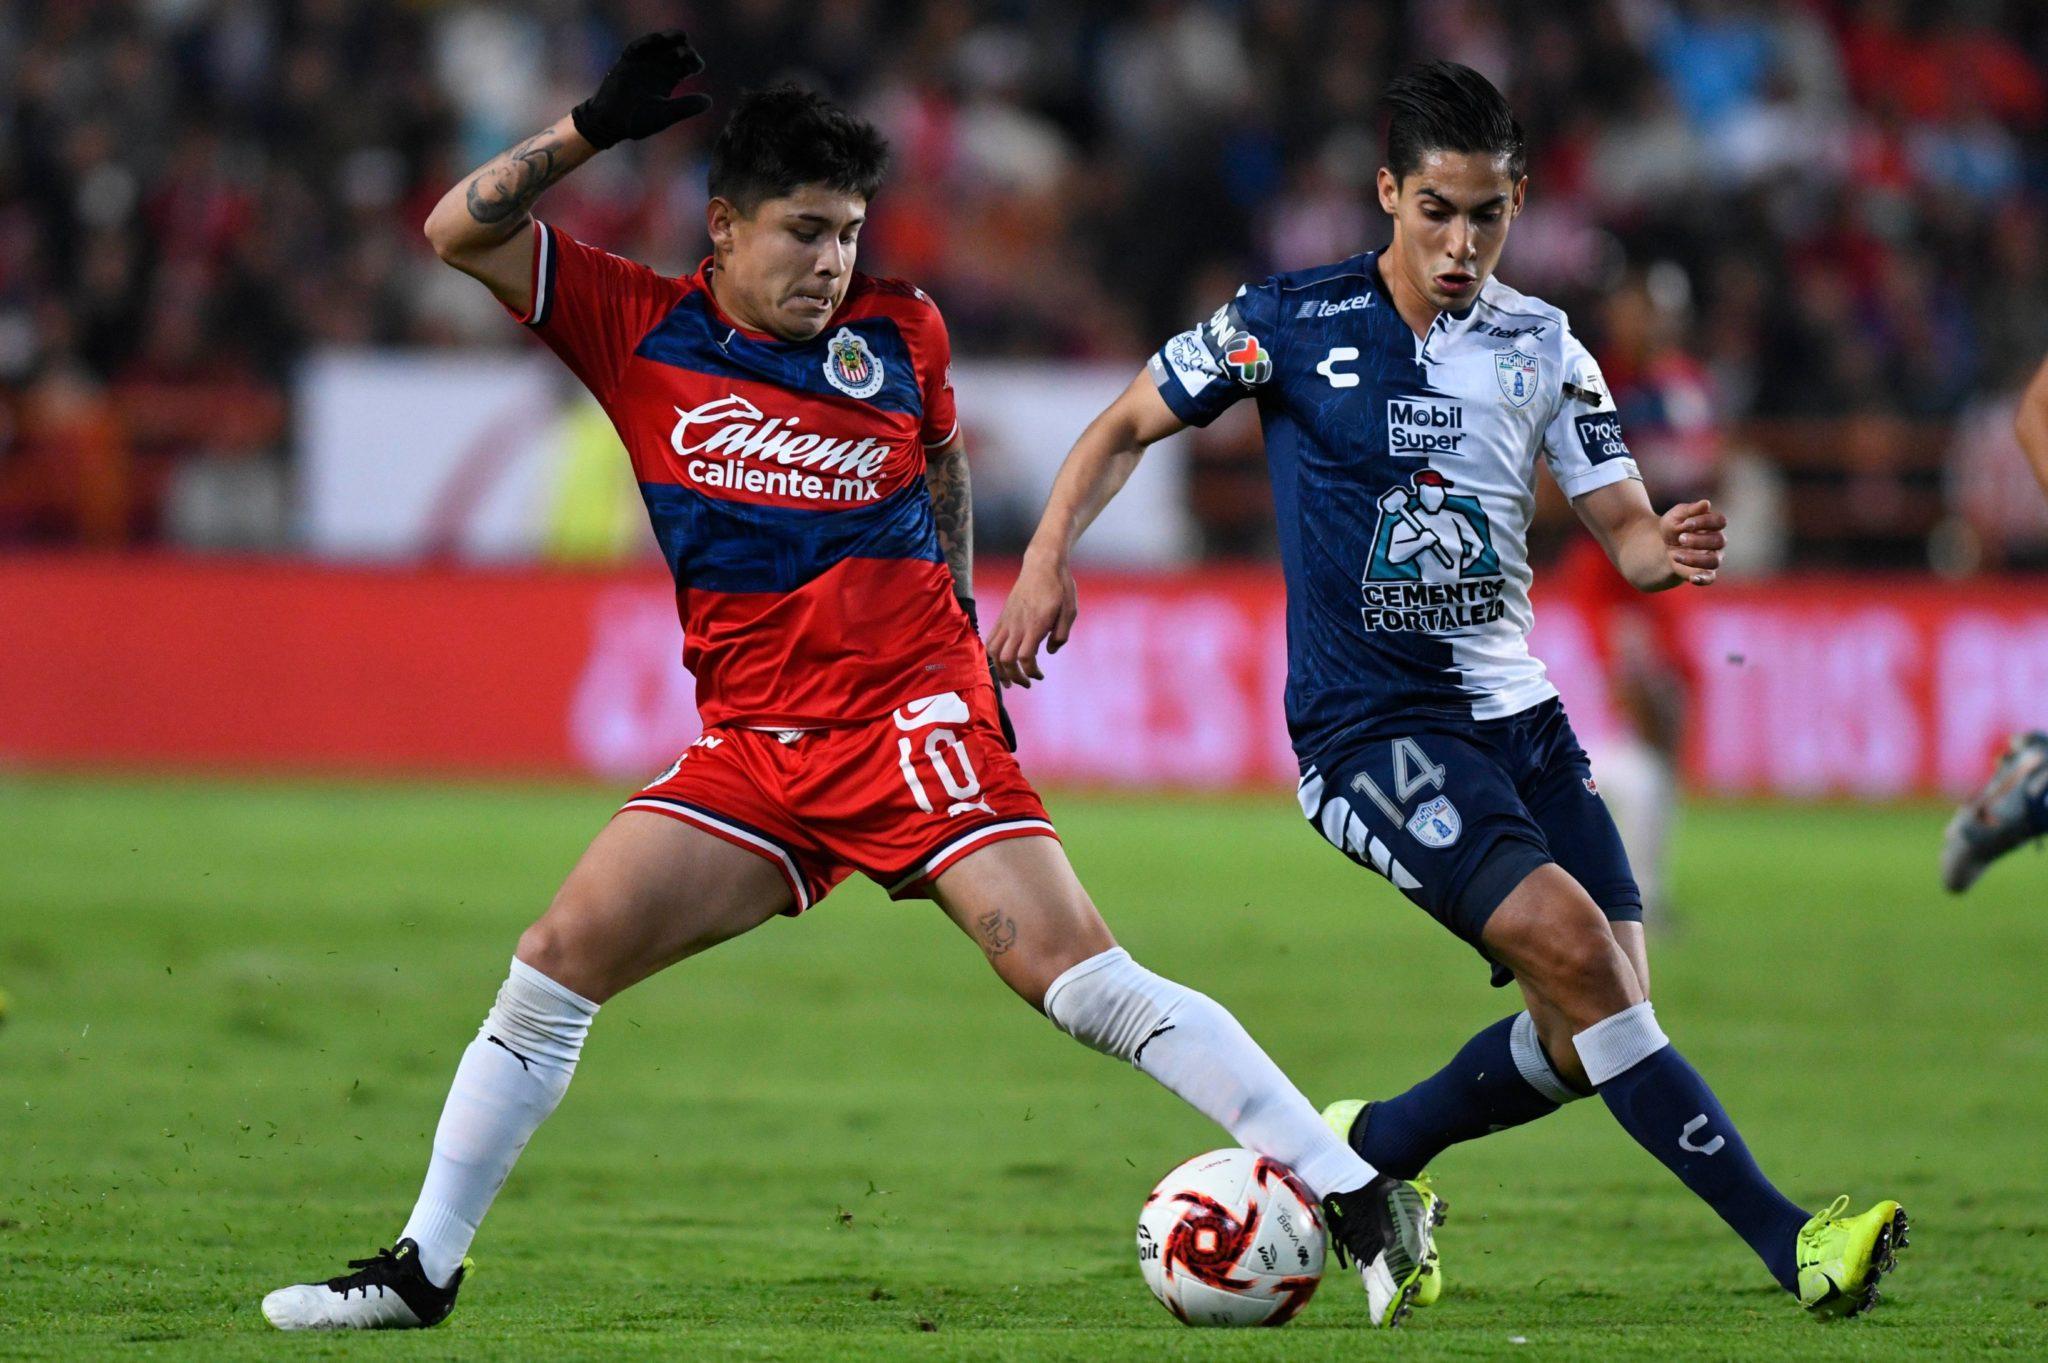 Pachuca y Chivas igualaron a cero. Foto: Chivas